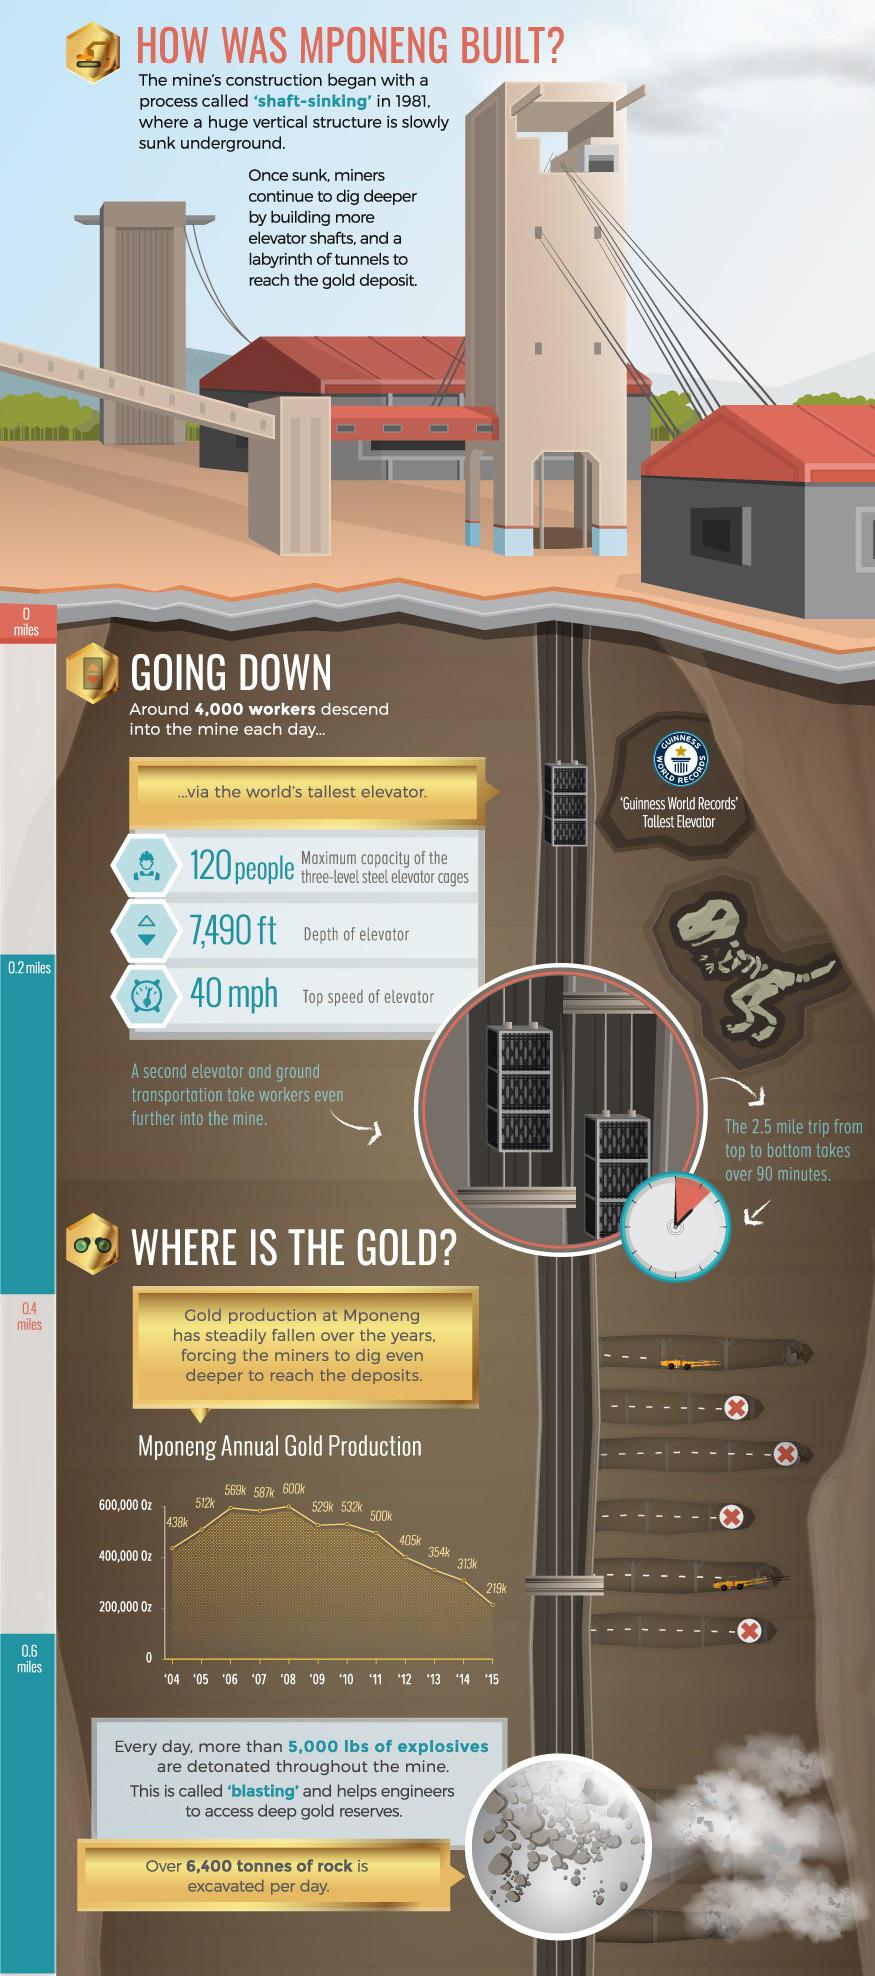 Погружение в самую глубокую золотую шахту мира